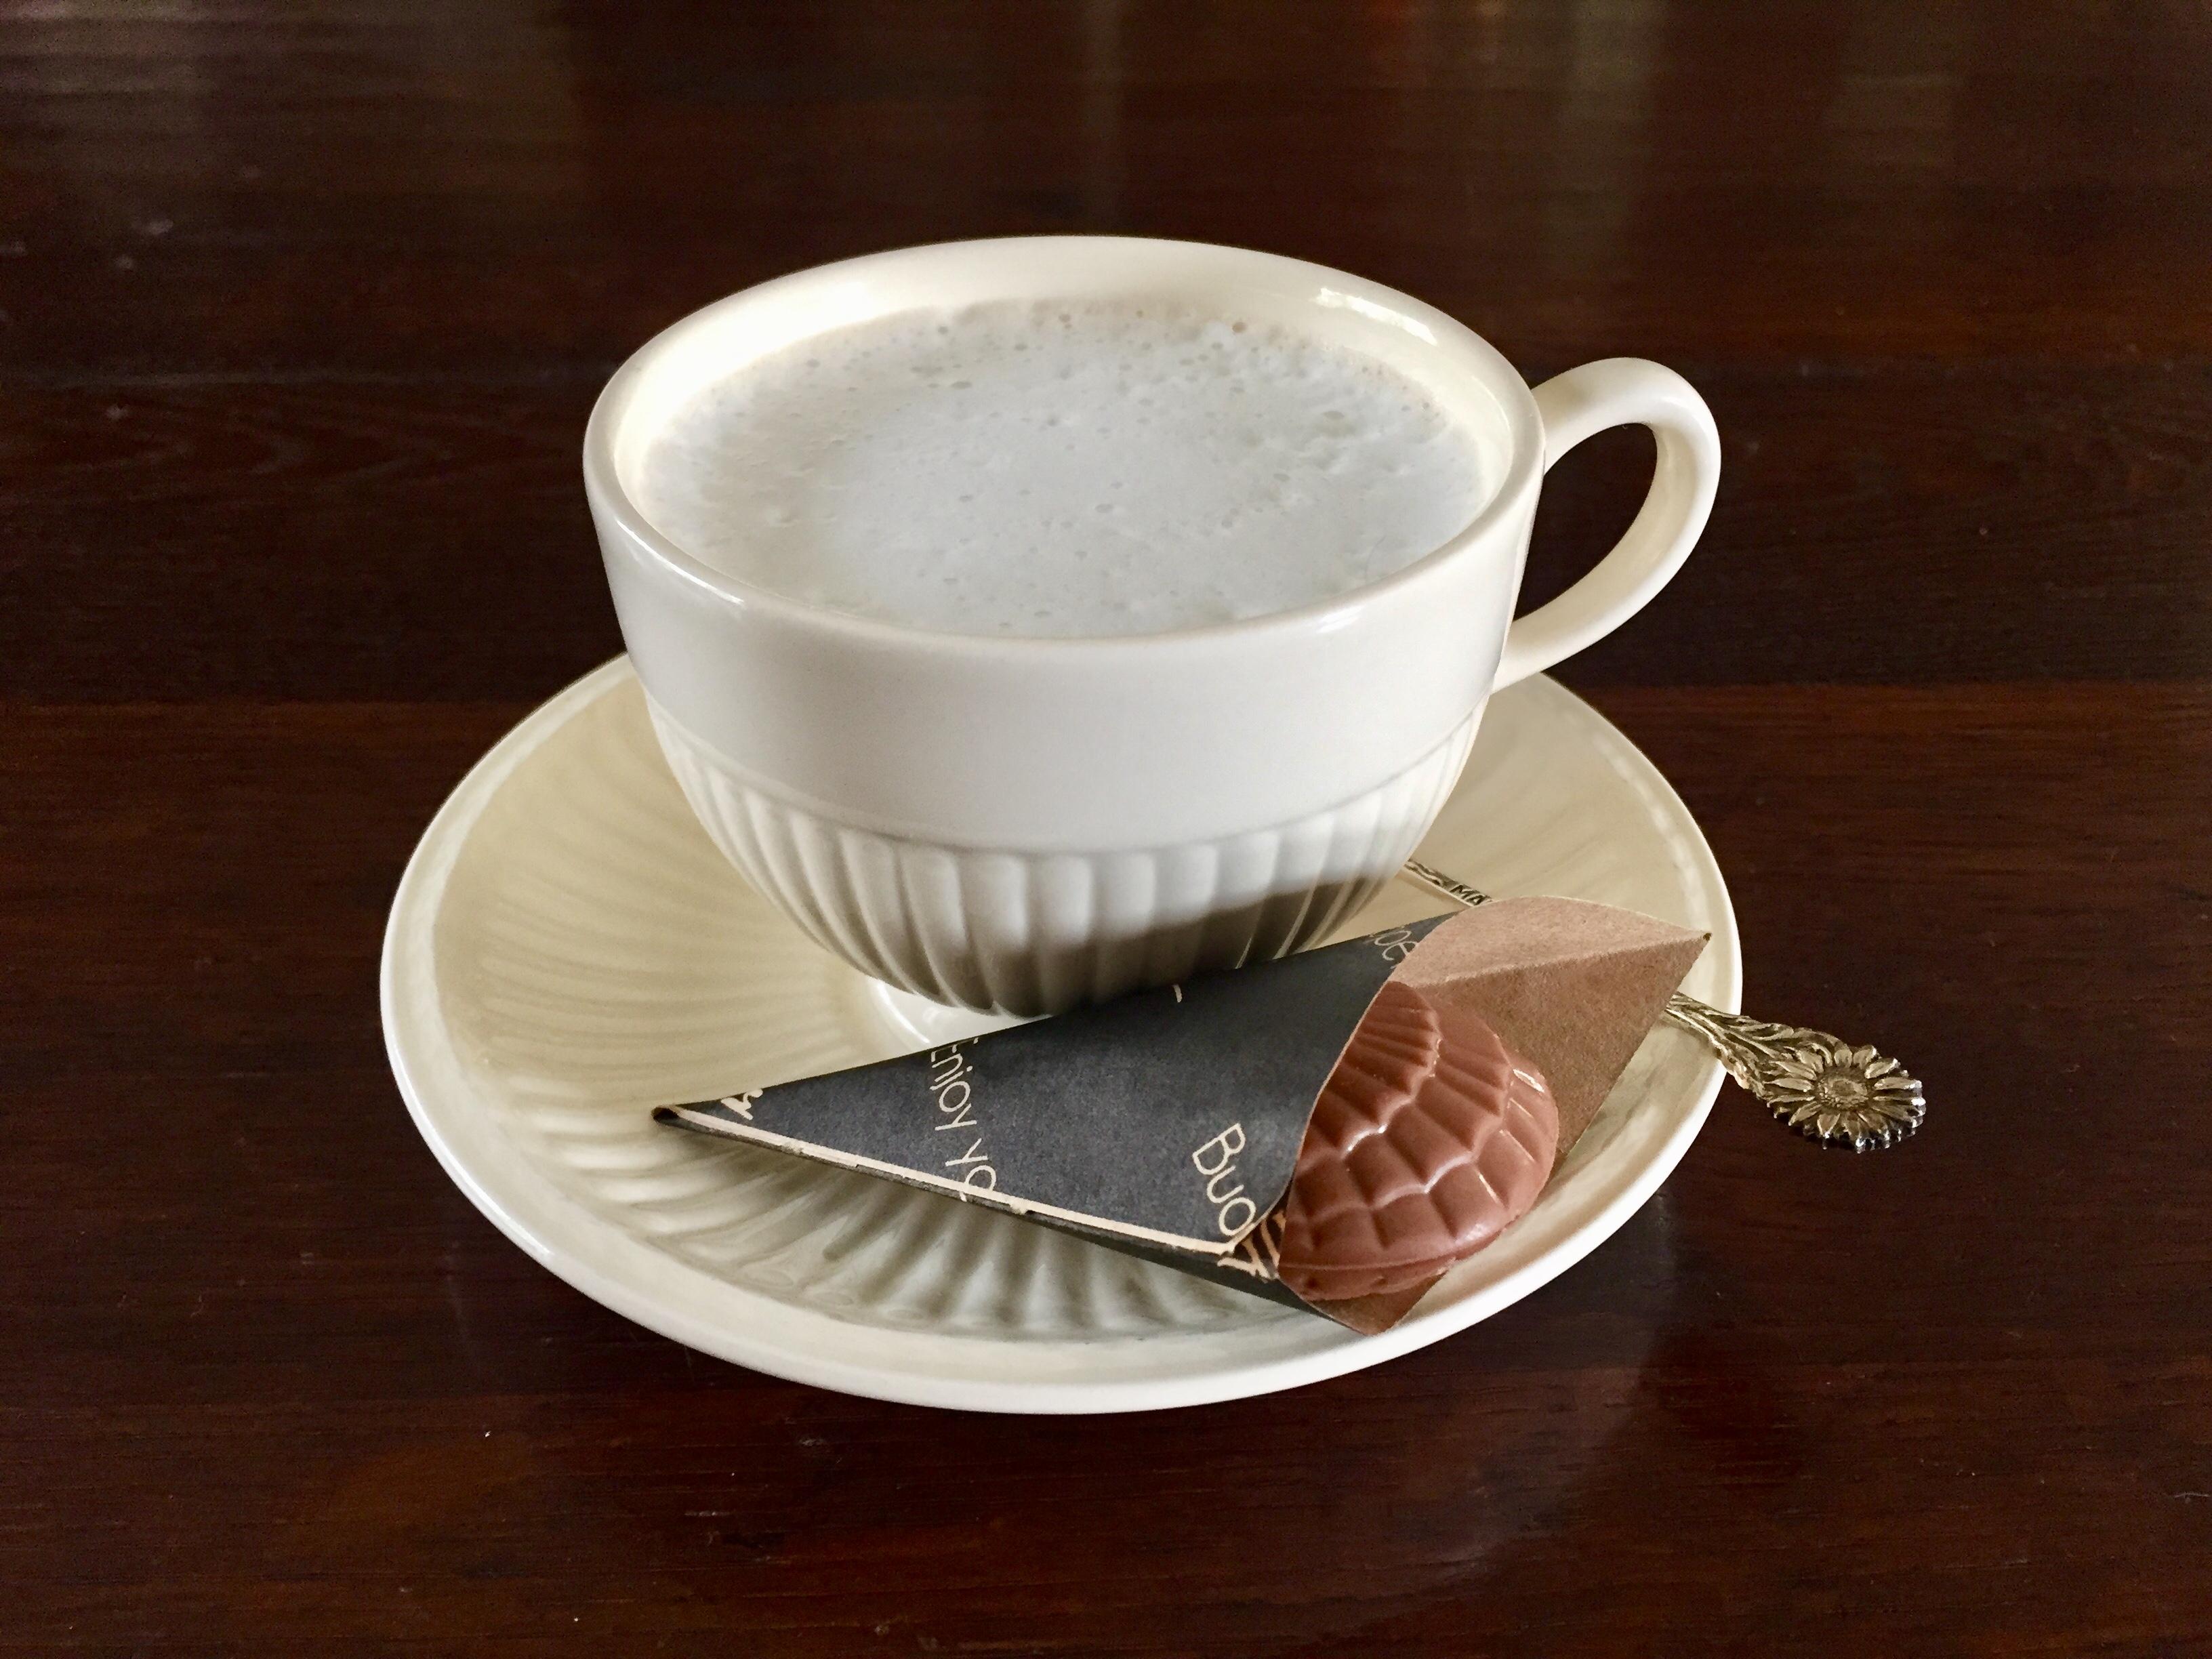 Bonbonzakjes bij kopje koffie